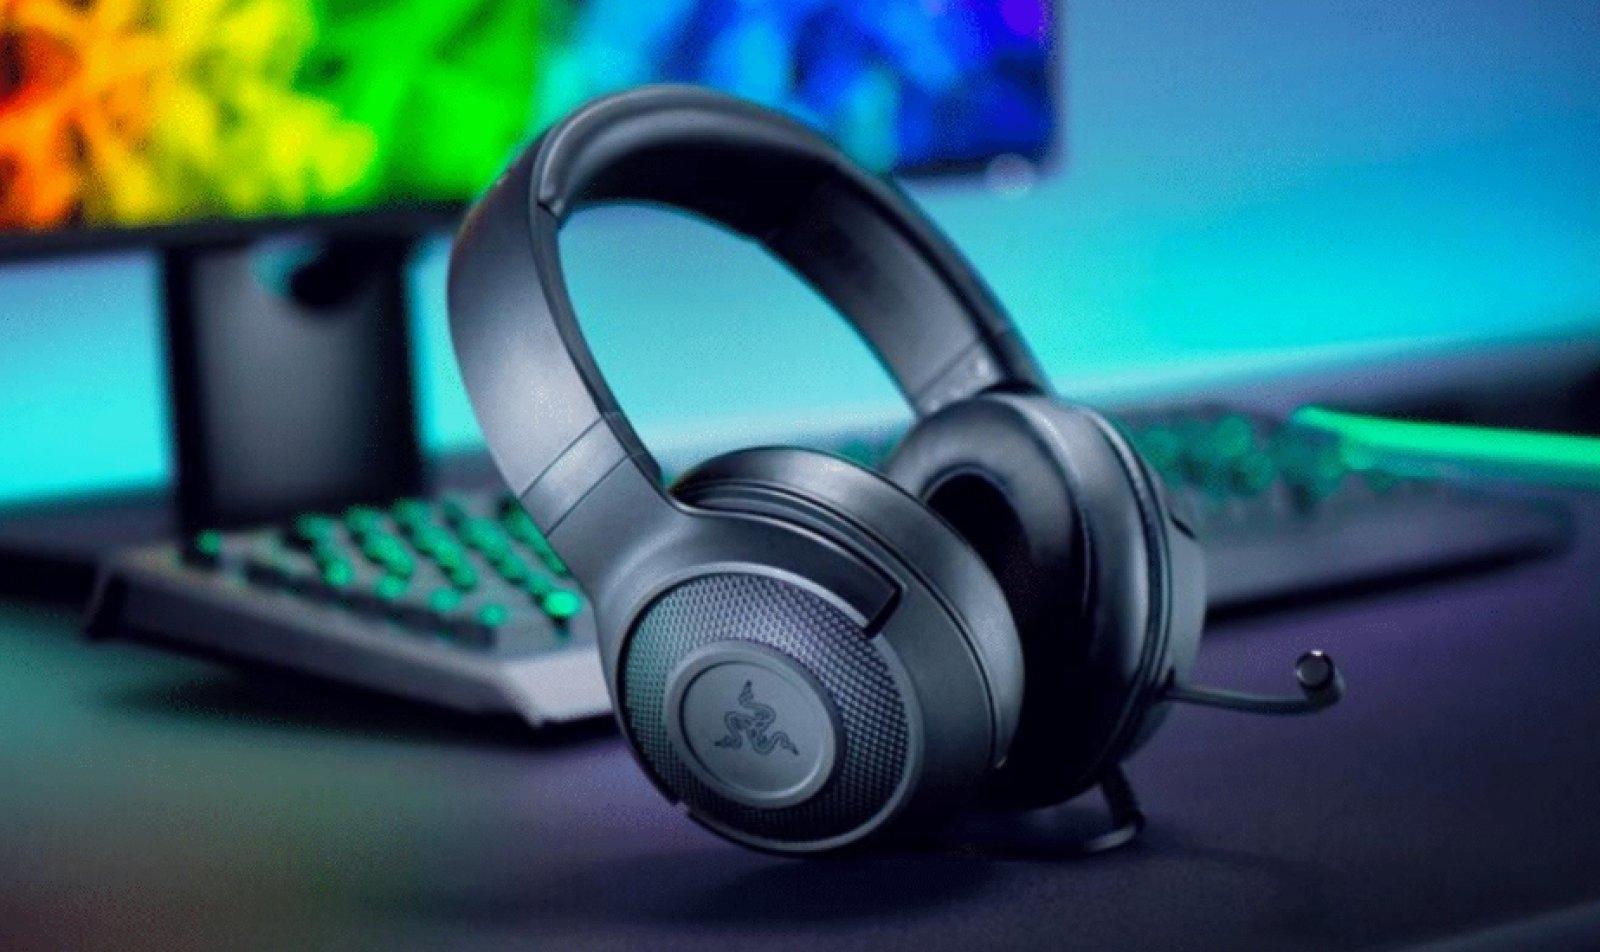 Razer launches its first lightweight Kraken headset | DeviceDaily.com